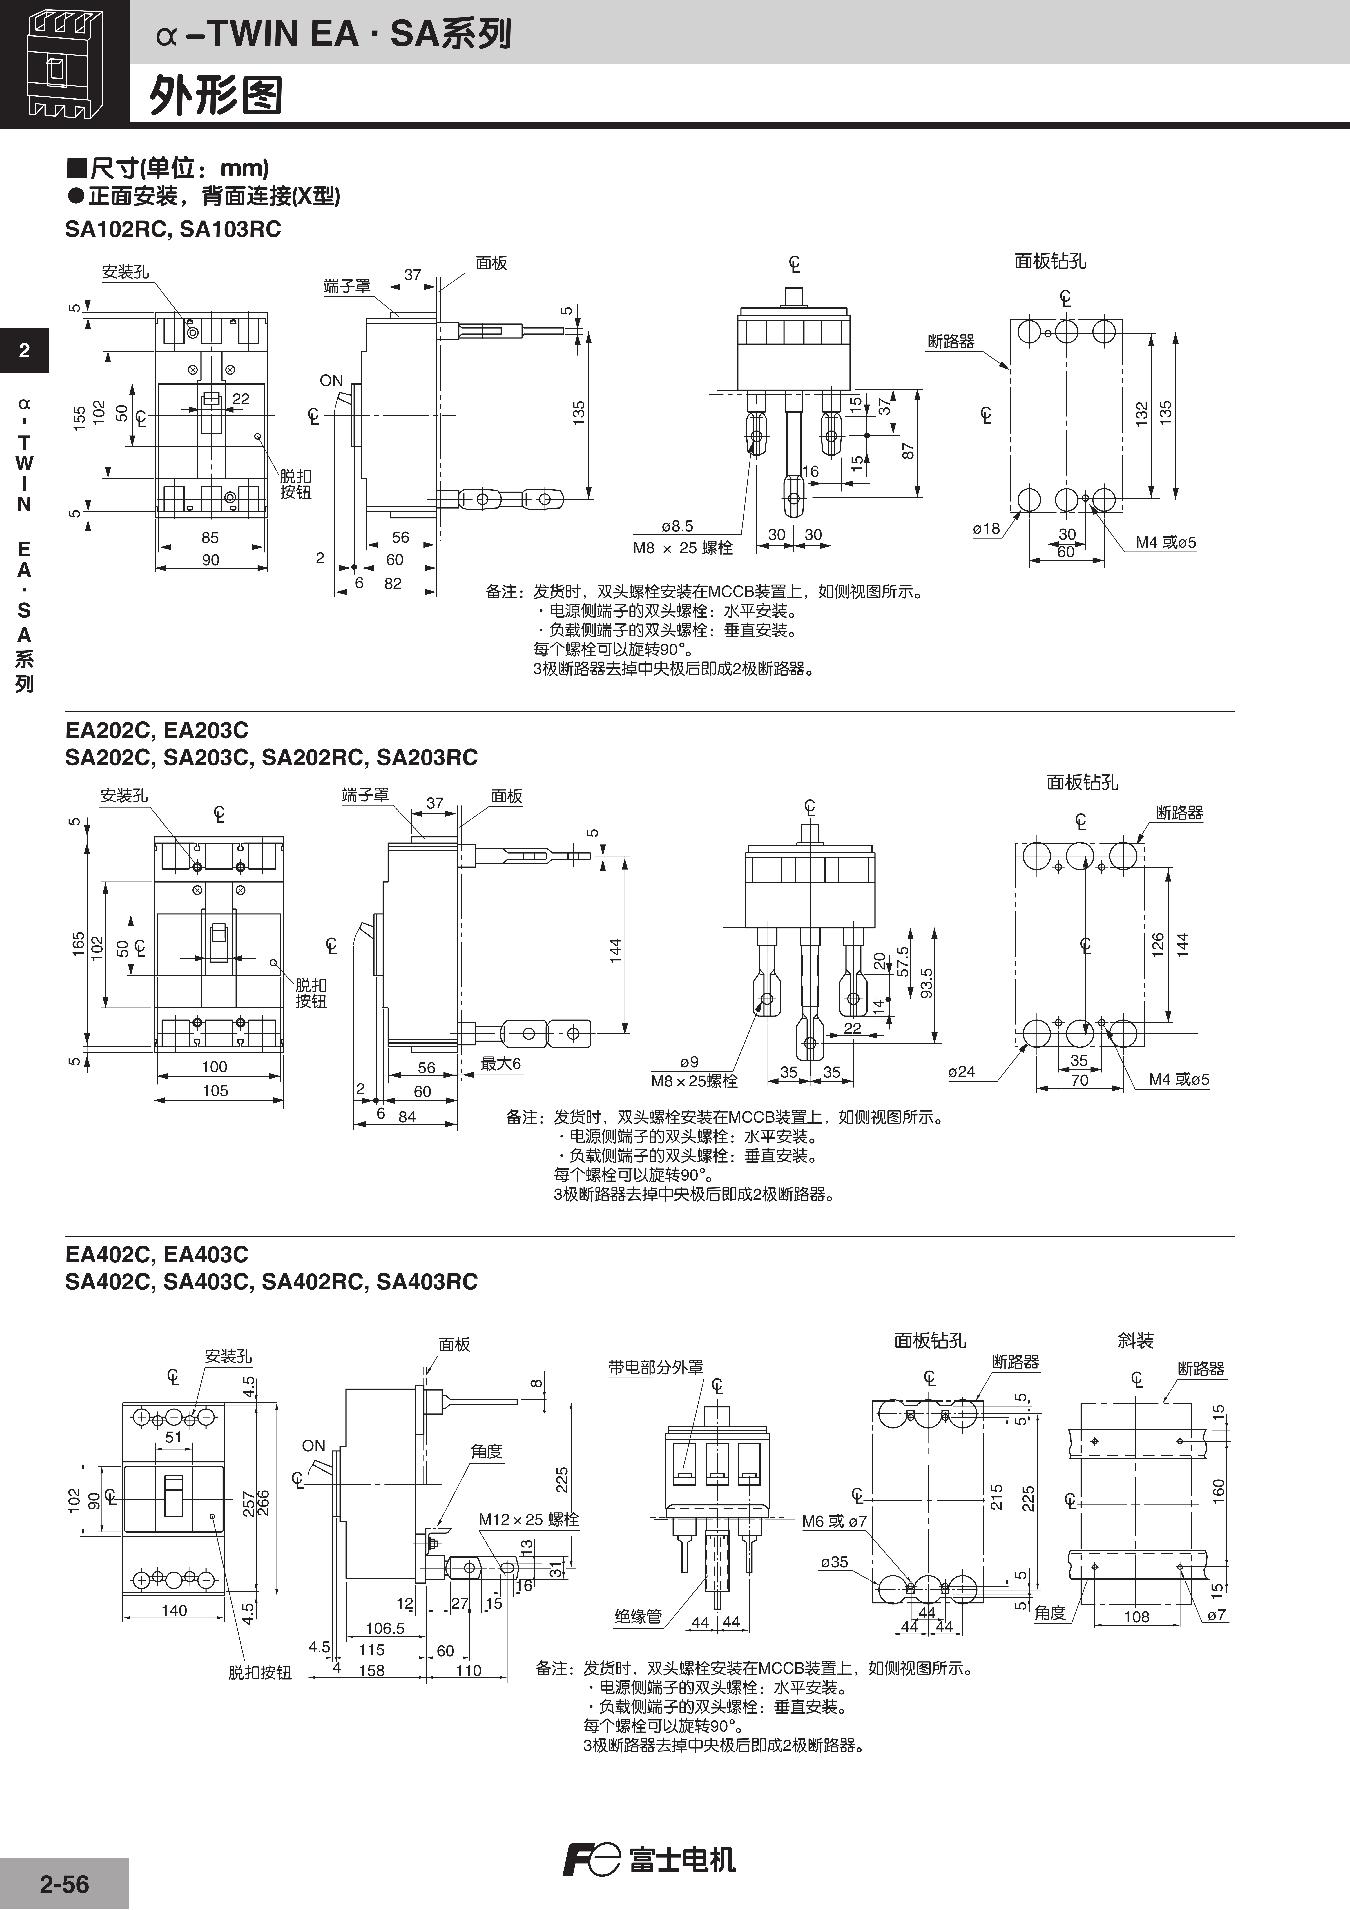 台达sa2 plc接线图